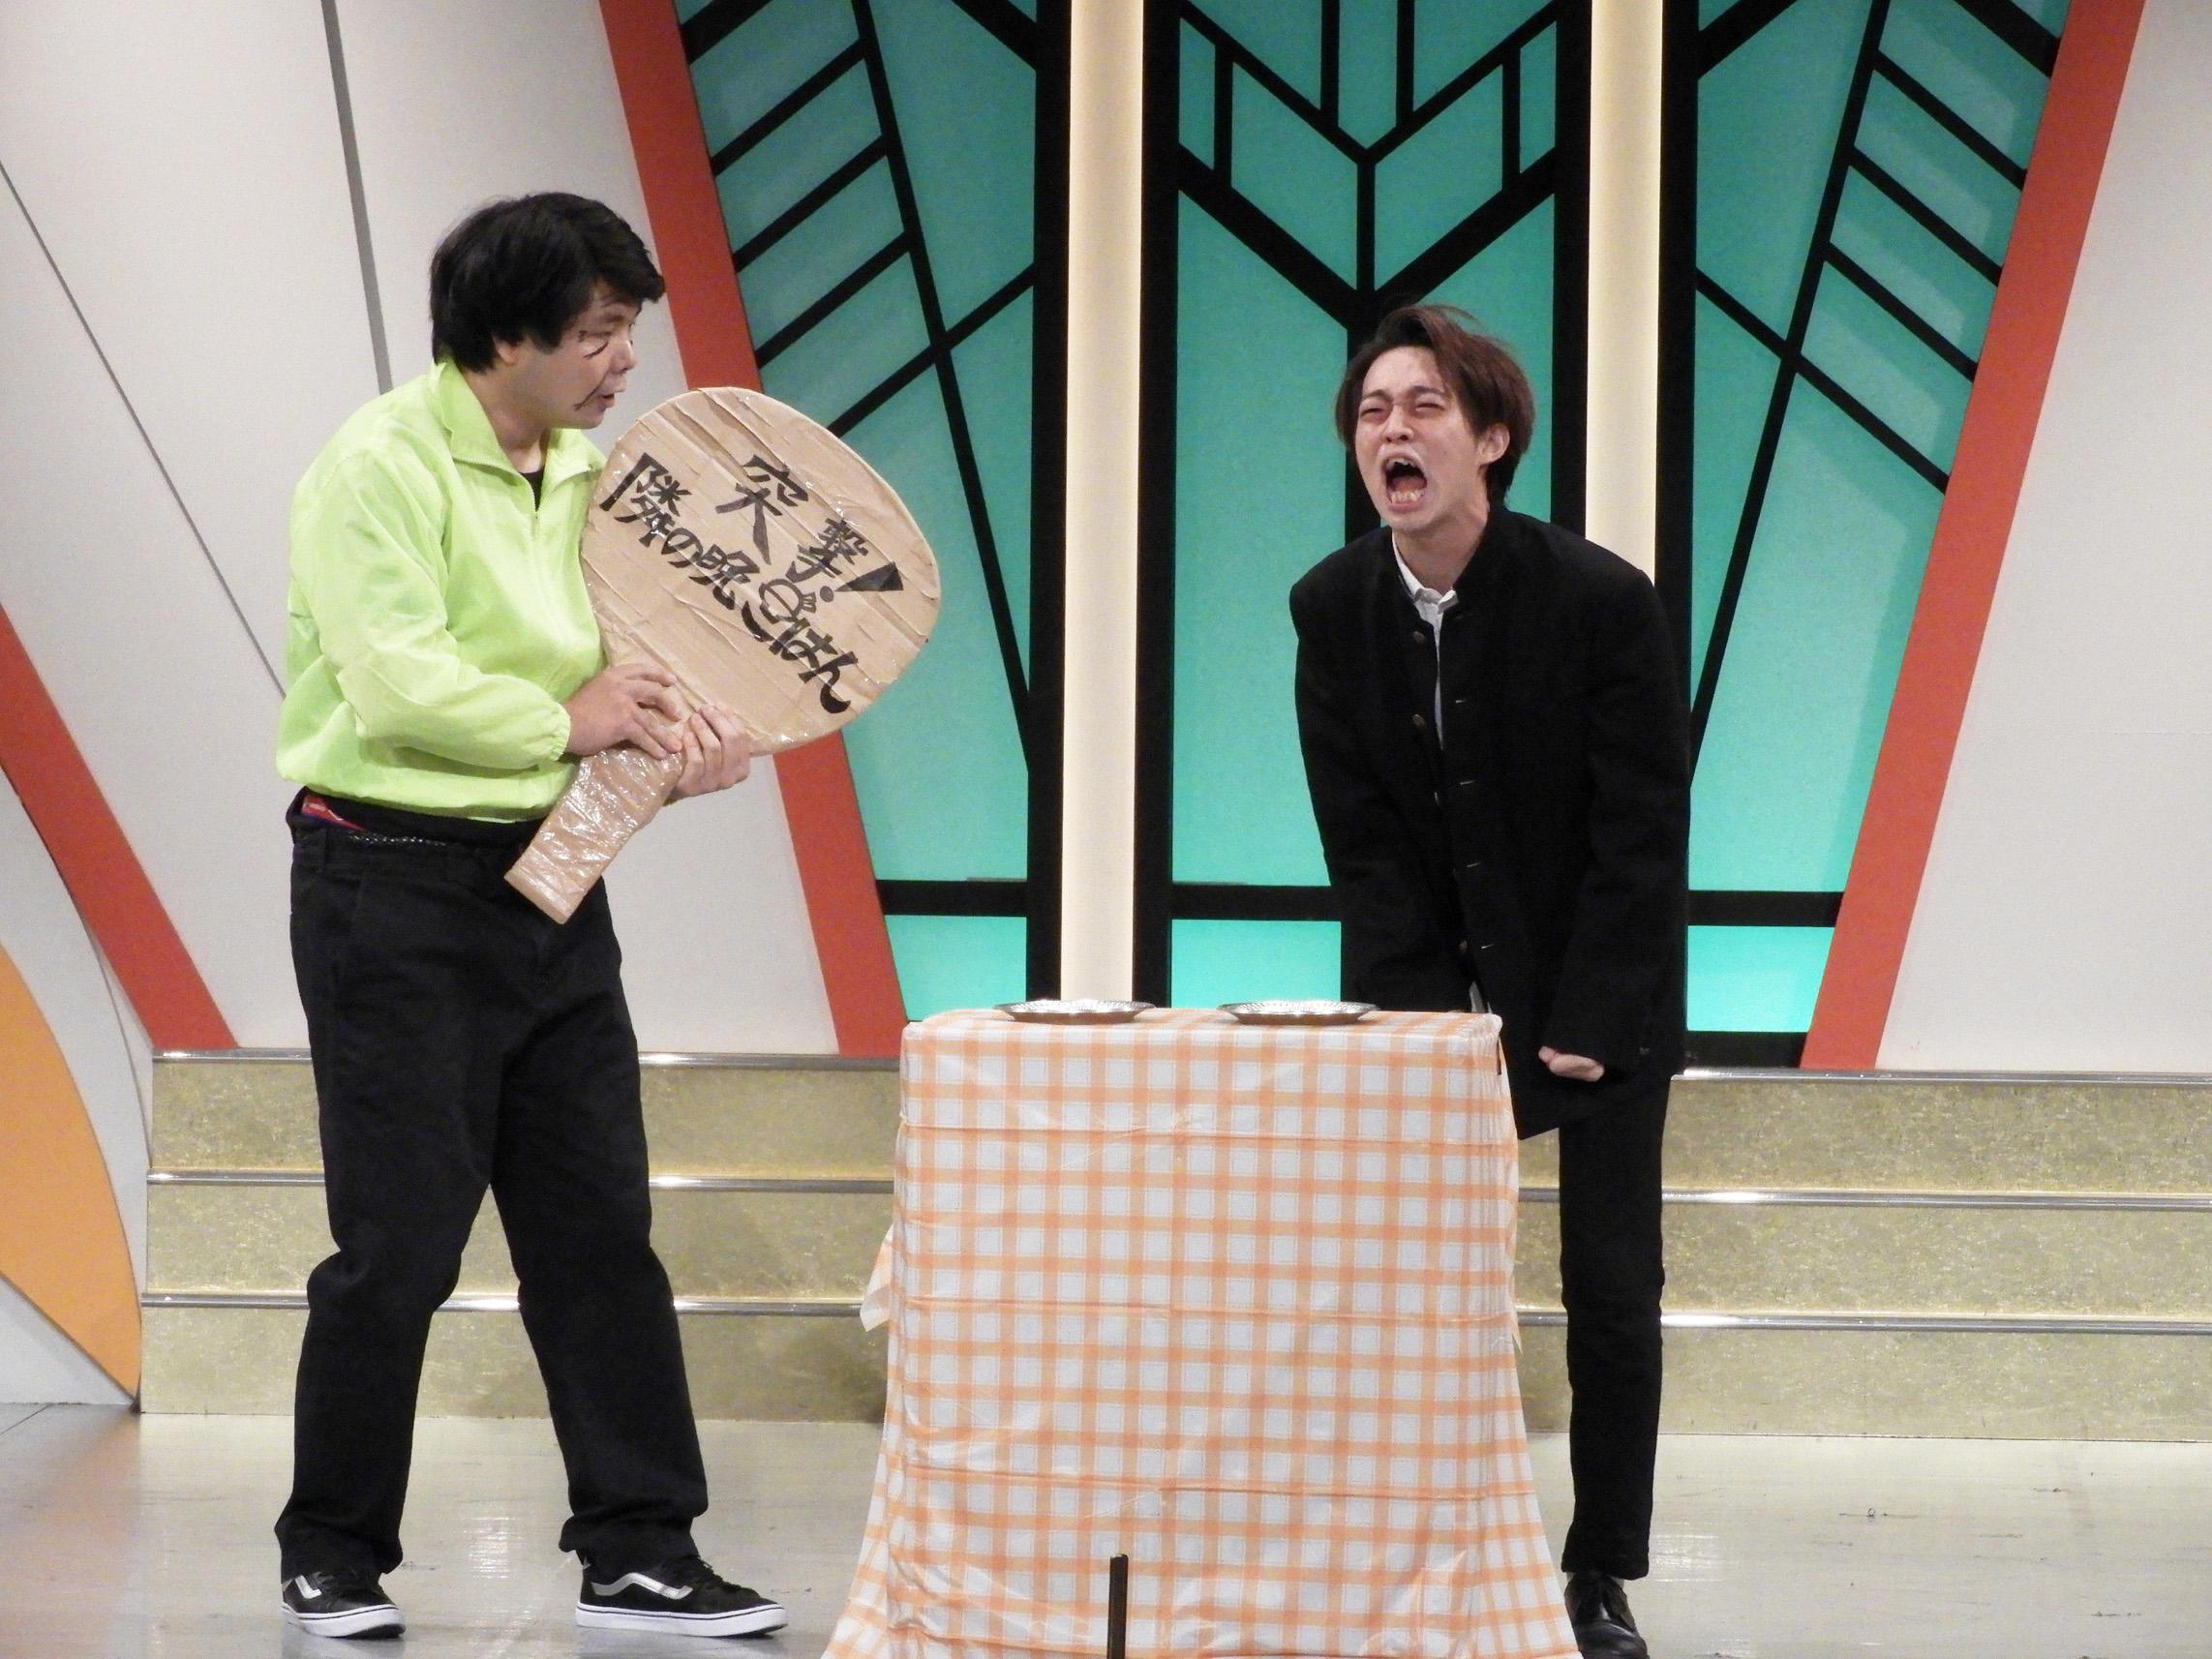 http://news.yoshimoto.co.jp/20181109120701-c2fc8a717363a8769c1afac645cf4a6ba0d9140d.jpg